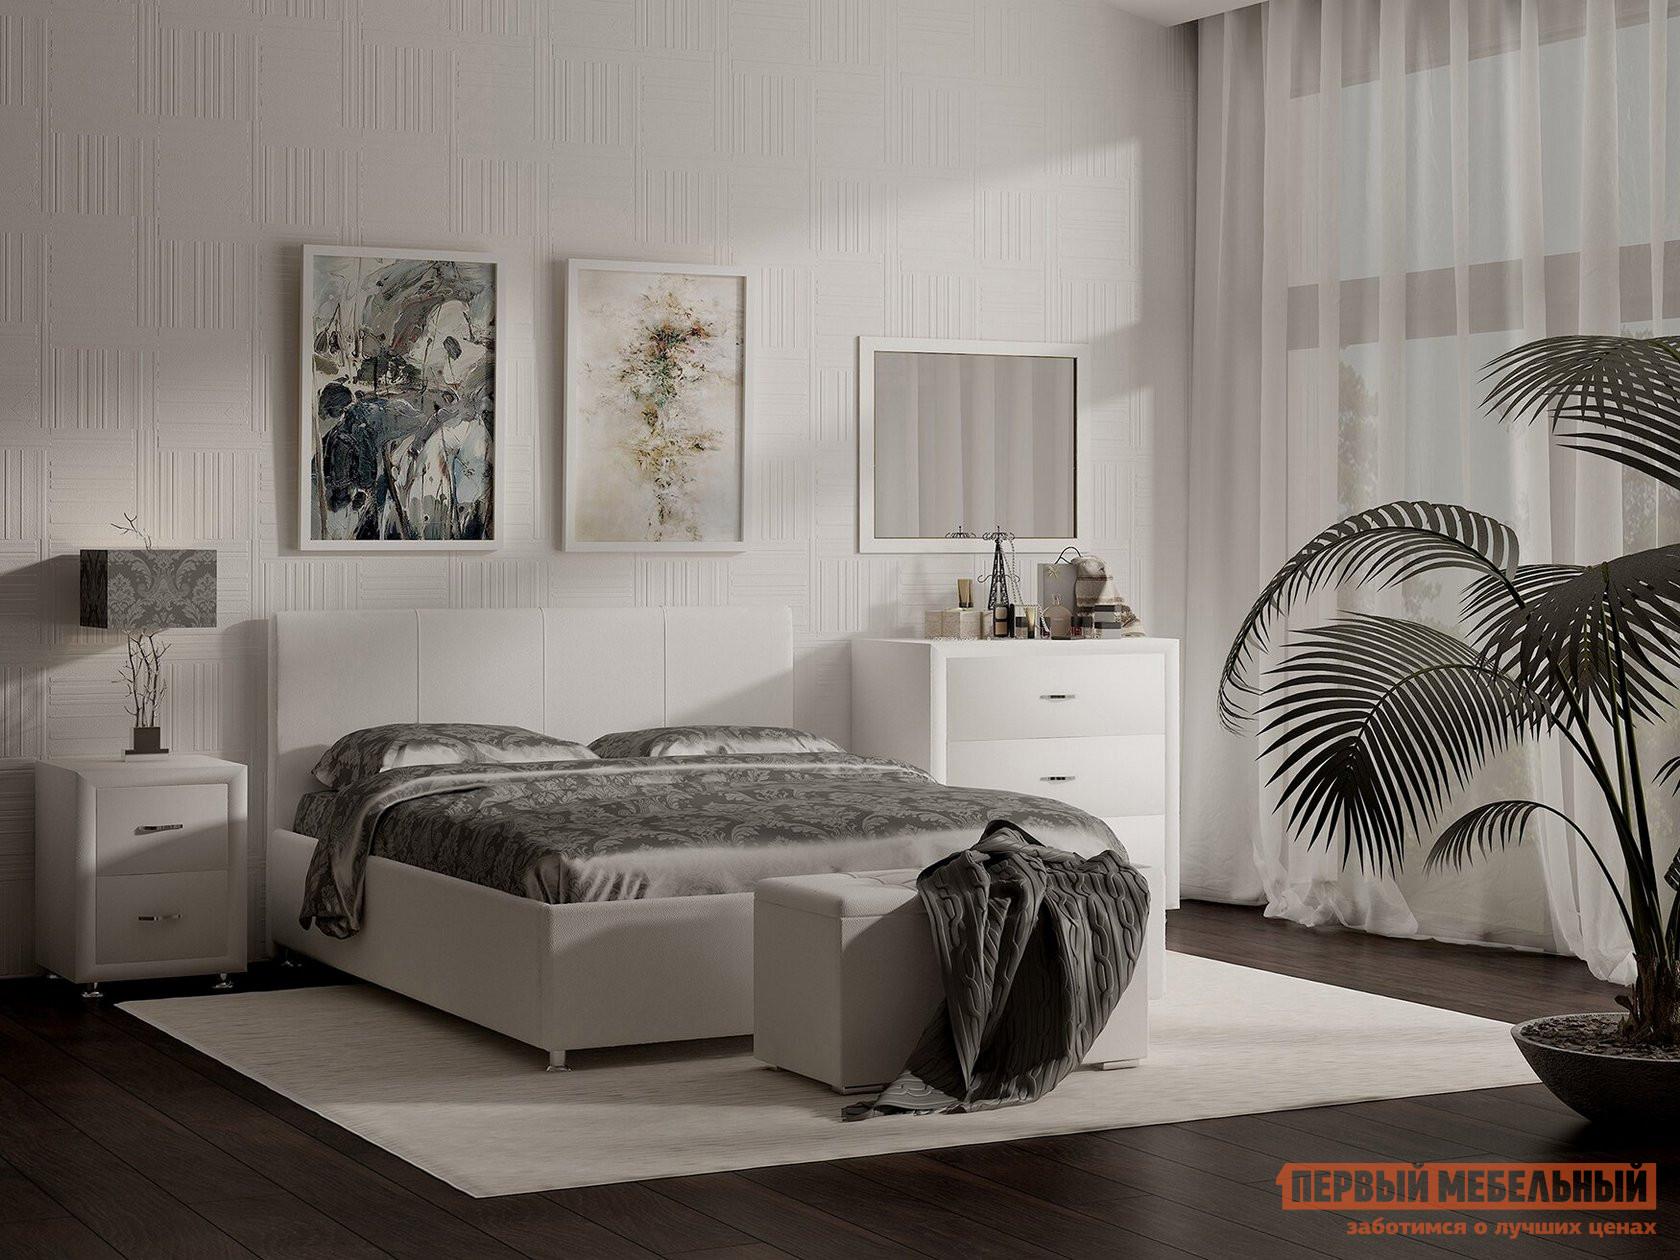 Двуспальная кровать  Кровать Прато с ортопедическим основанием Белый (экокожа), 2000 Х 2000 мм, Без подъемного механизма